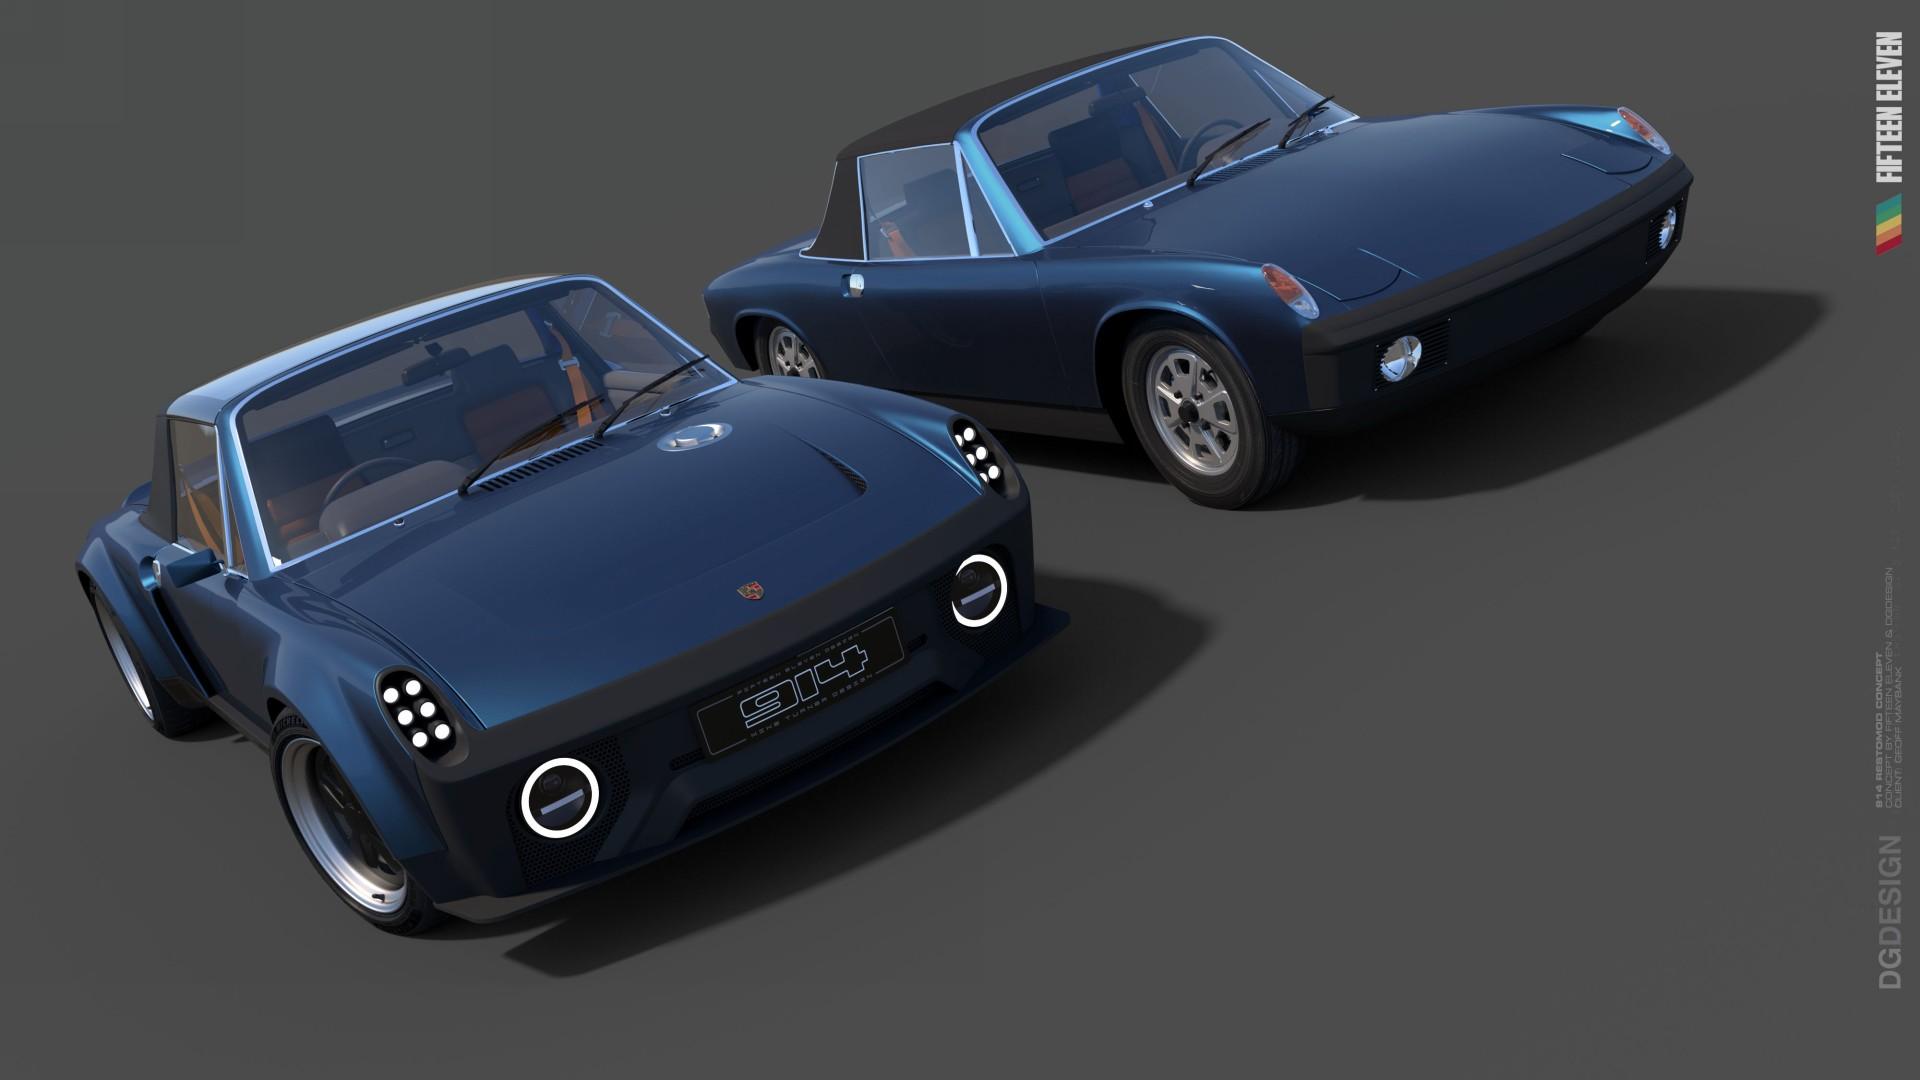 El Porsche 914 de Fifteen Eleven Design será una realidad a finales de 2021